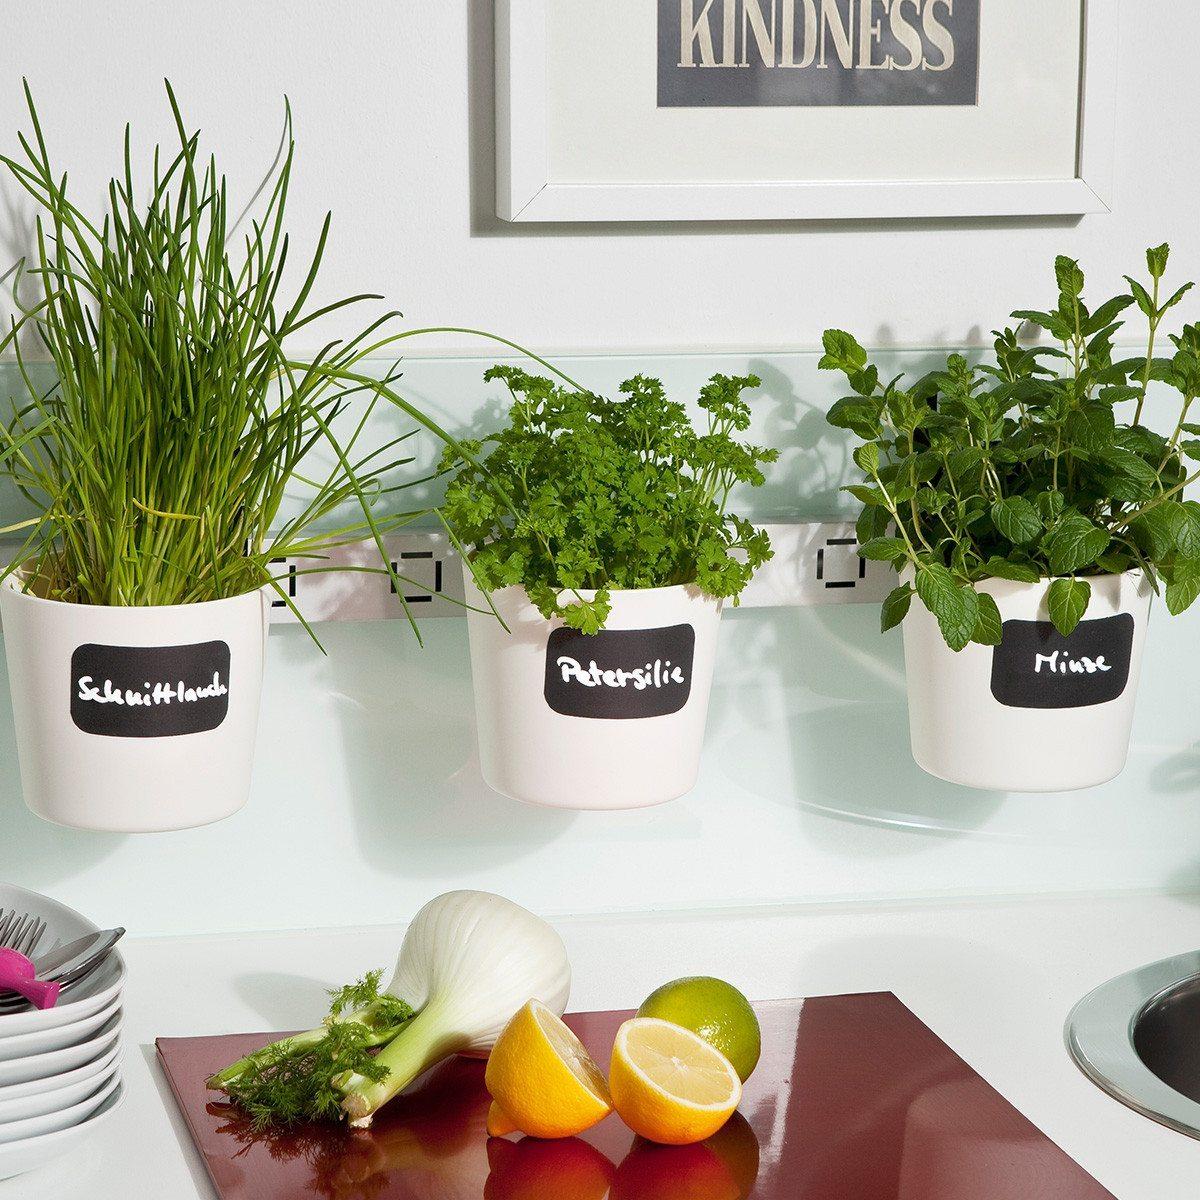 Macetero de ventana para plantas arom ticas - Cultivar plantas aromaticas en casa ...